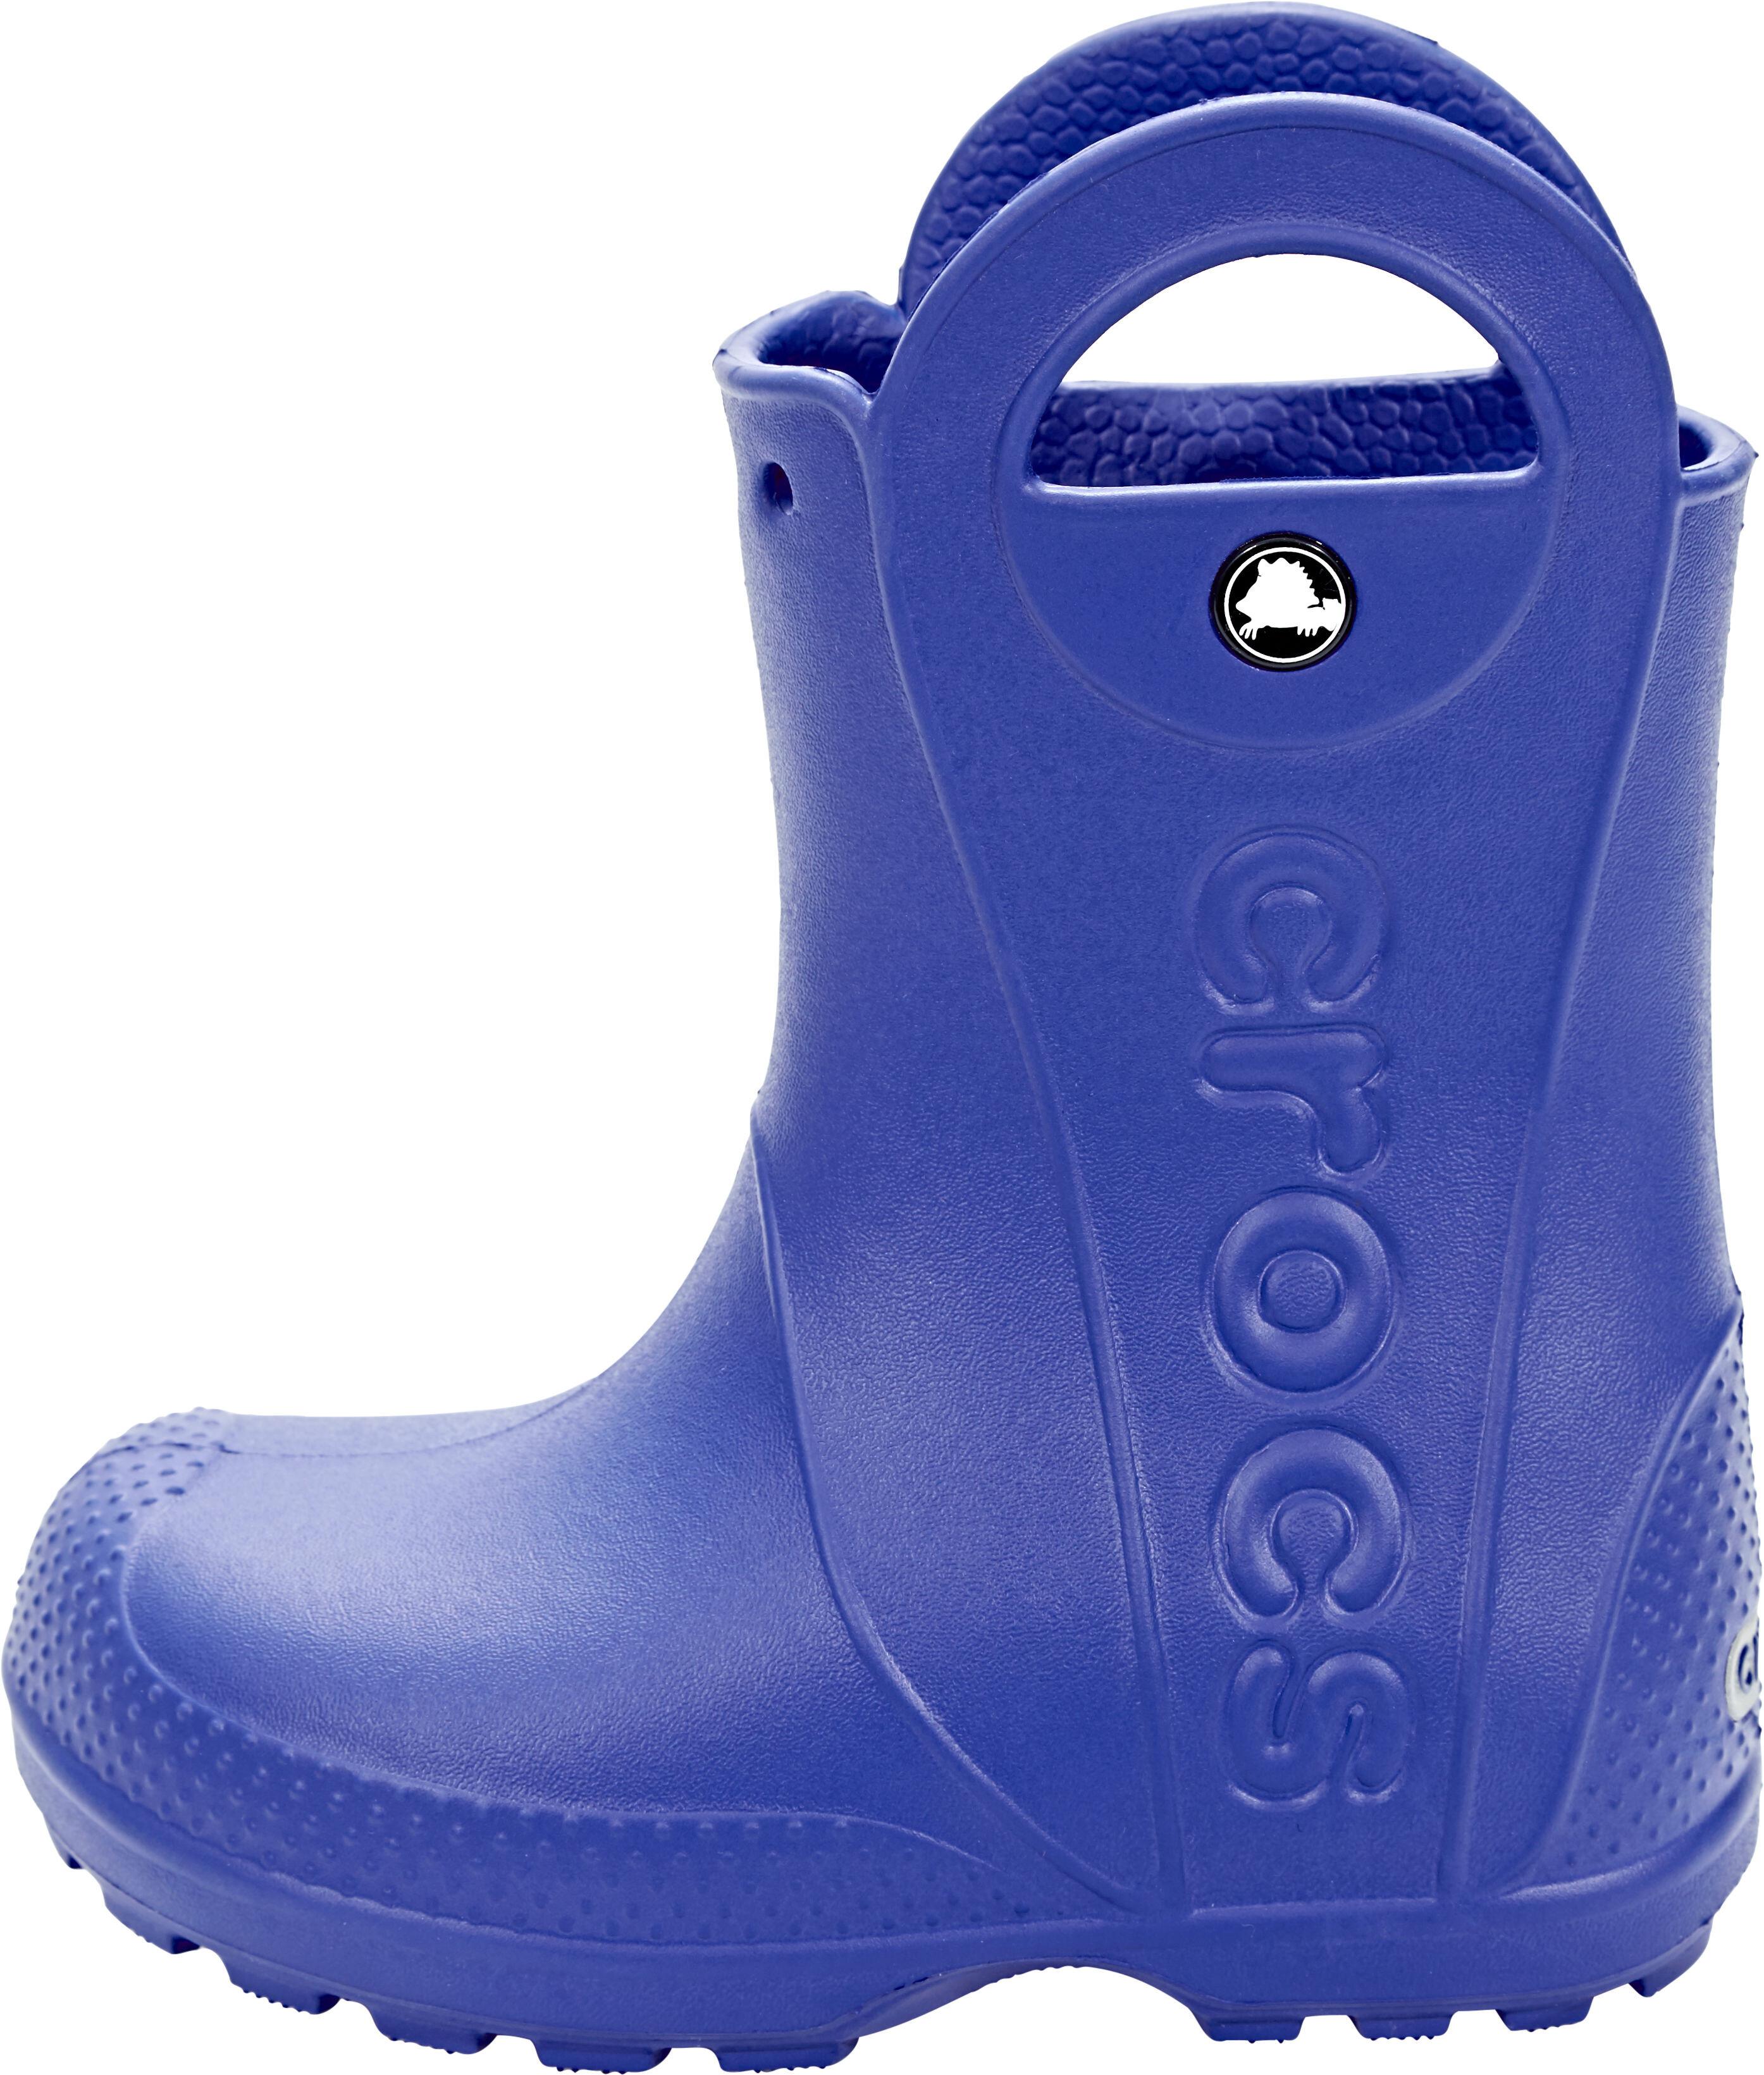 82b958e66a4 Crocs Handle It Gummistøvler Børn, cerulean blue | Find outdoortøj ...